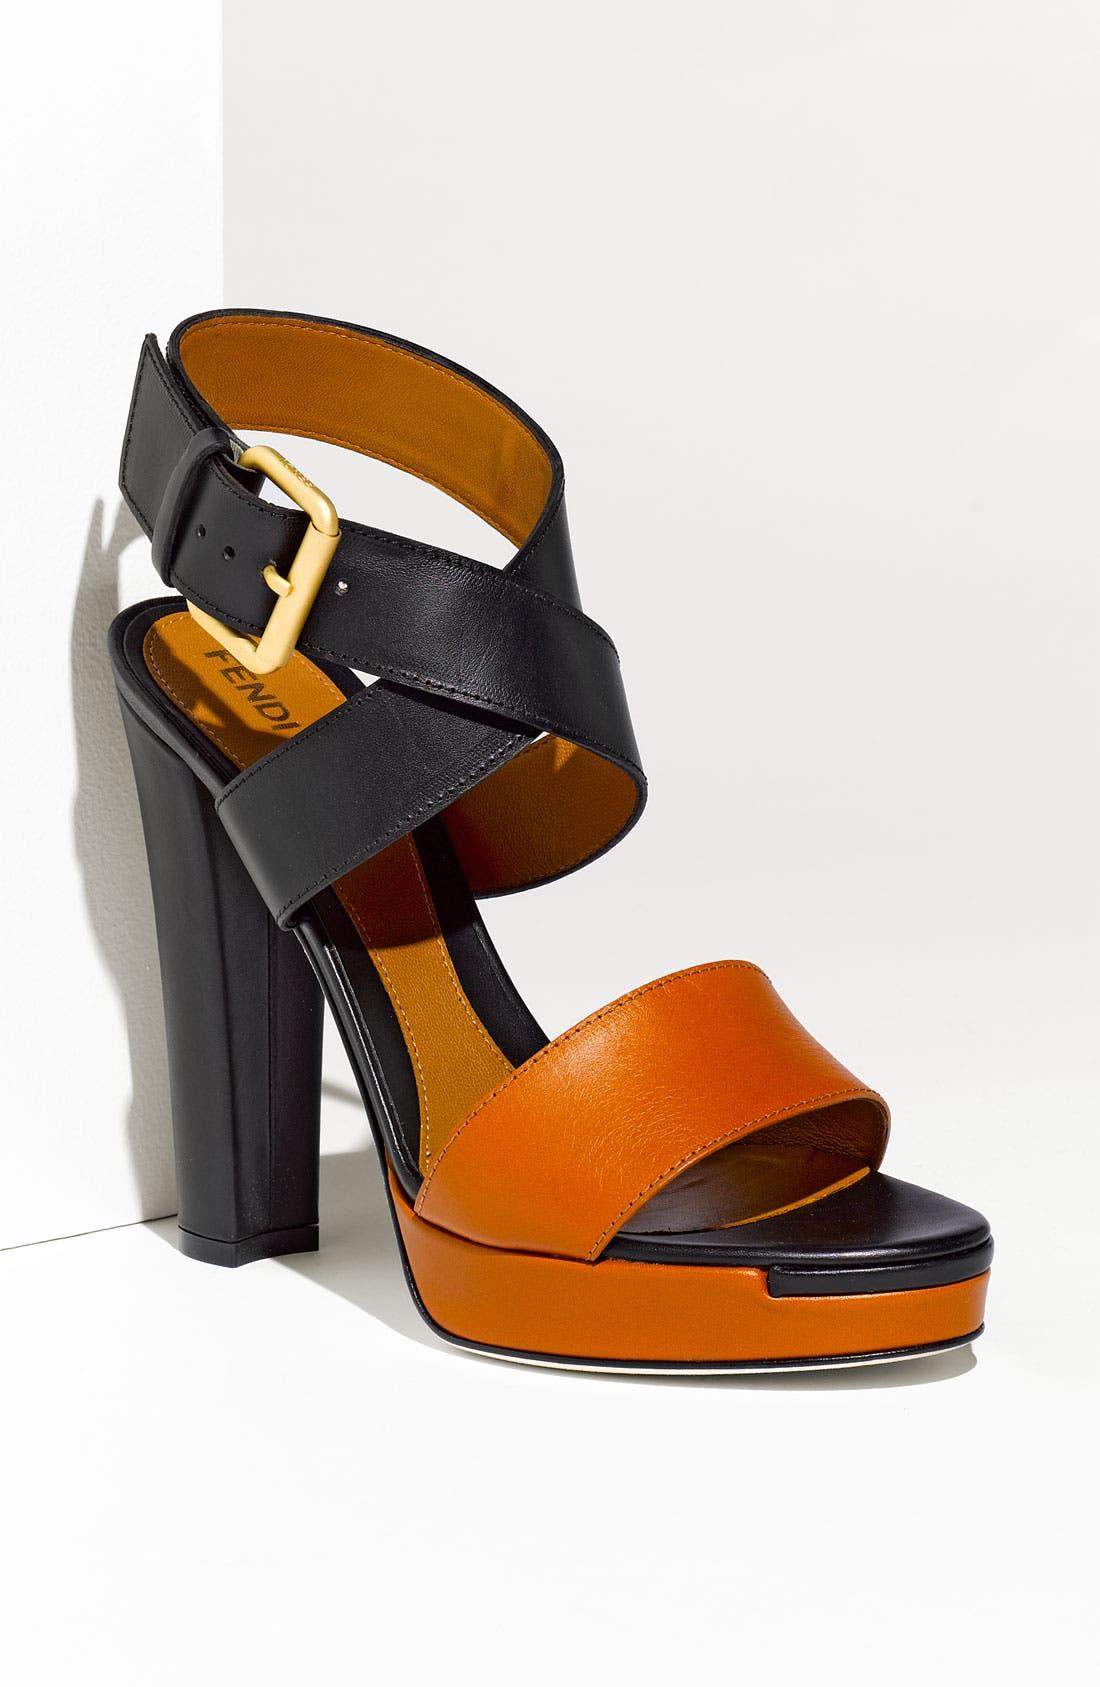 Alternate Image 1 Selected - Fendi 'Respect' Sandal